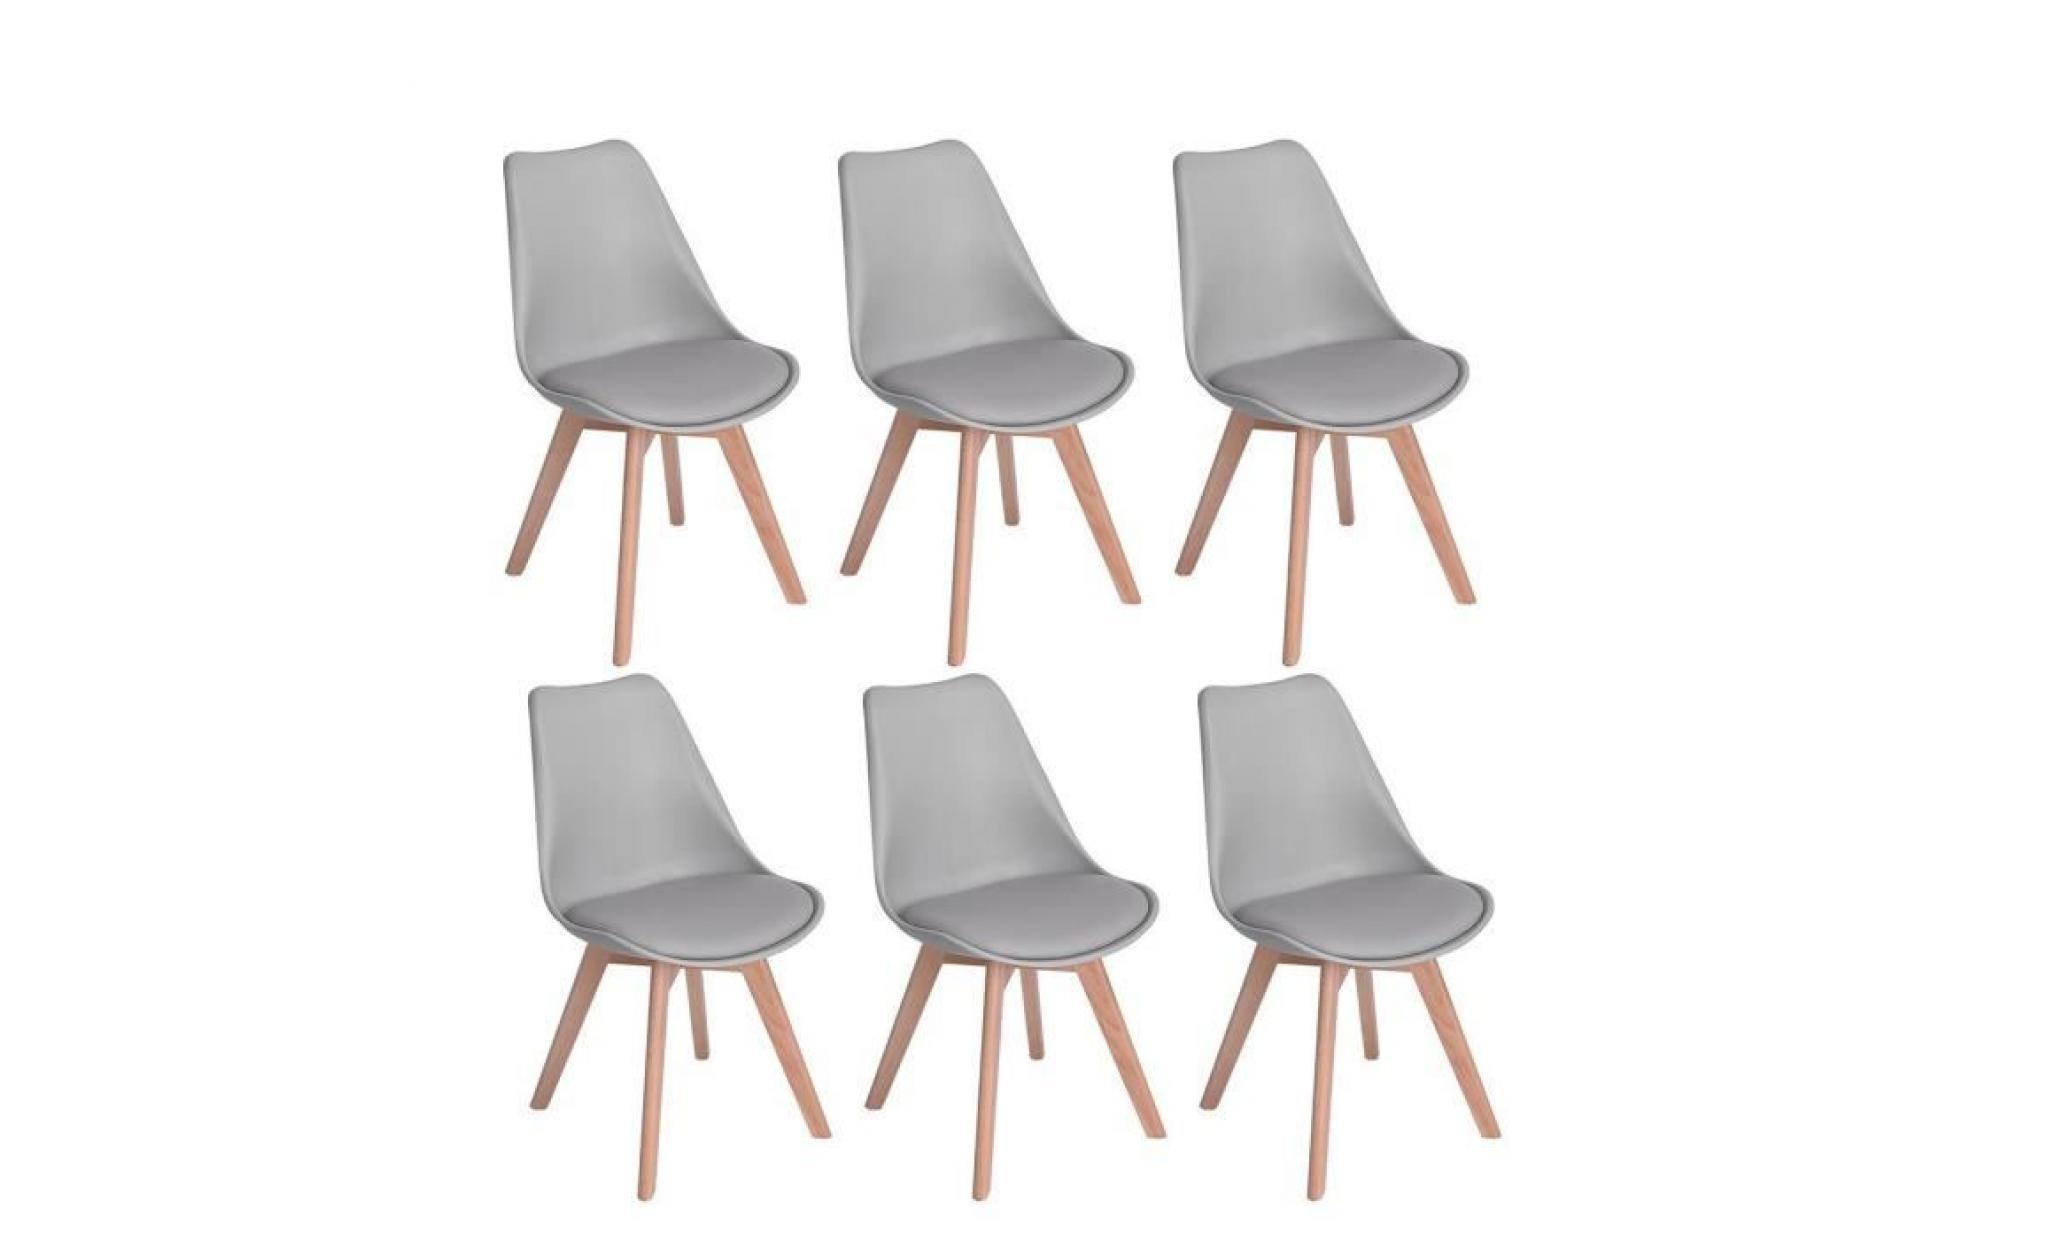 Gris Massif De Design Lot En Bois Scandinave Jkk Tulipe 6 Contemporain Chaises Clair Nordique Pieds Hêtre wn80kOP